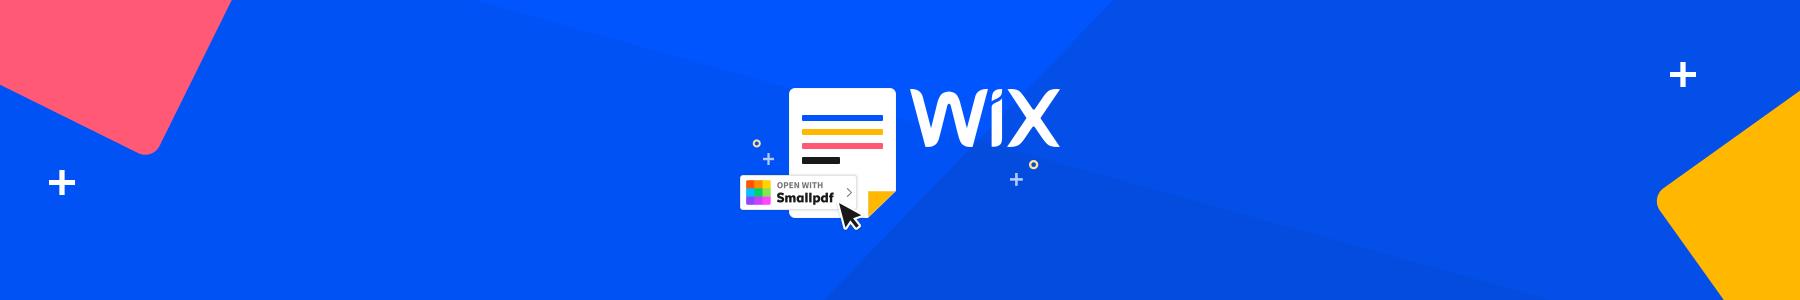 incorporare-pdf-wix@2x